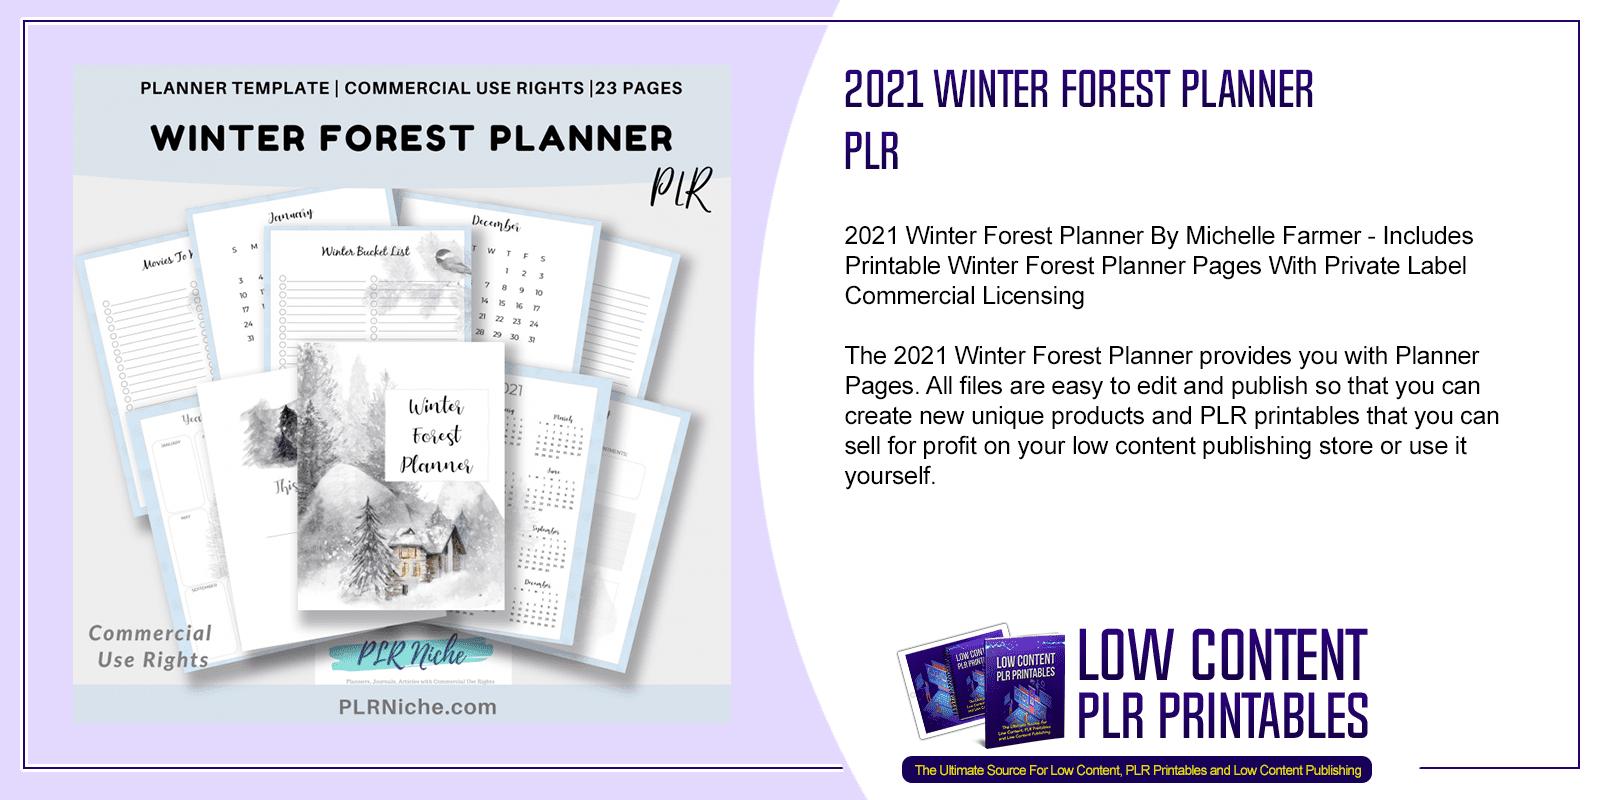 2021 Winter Forest Planner